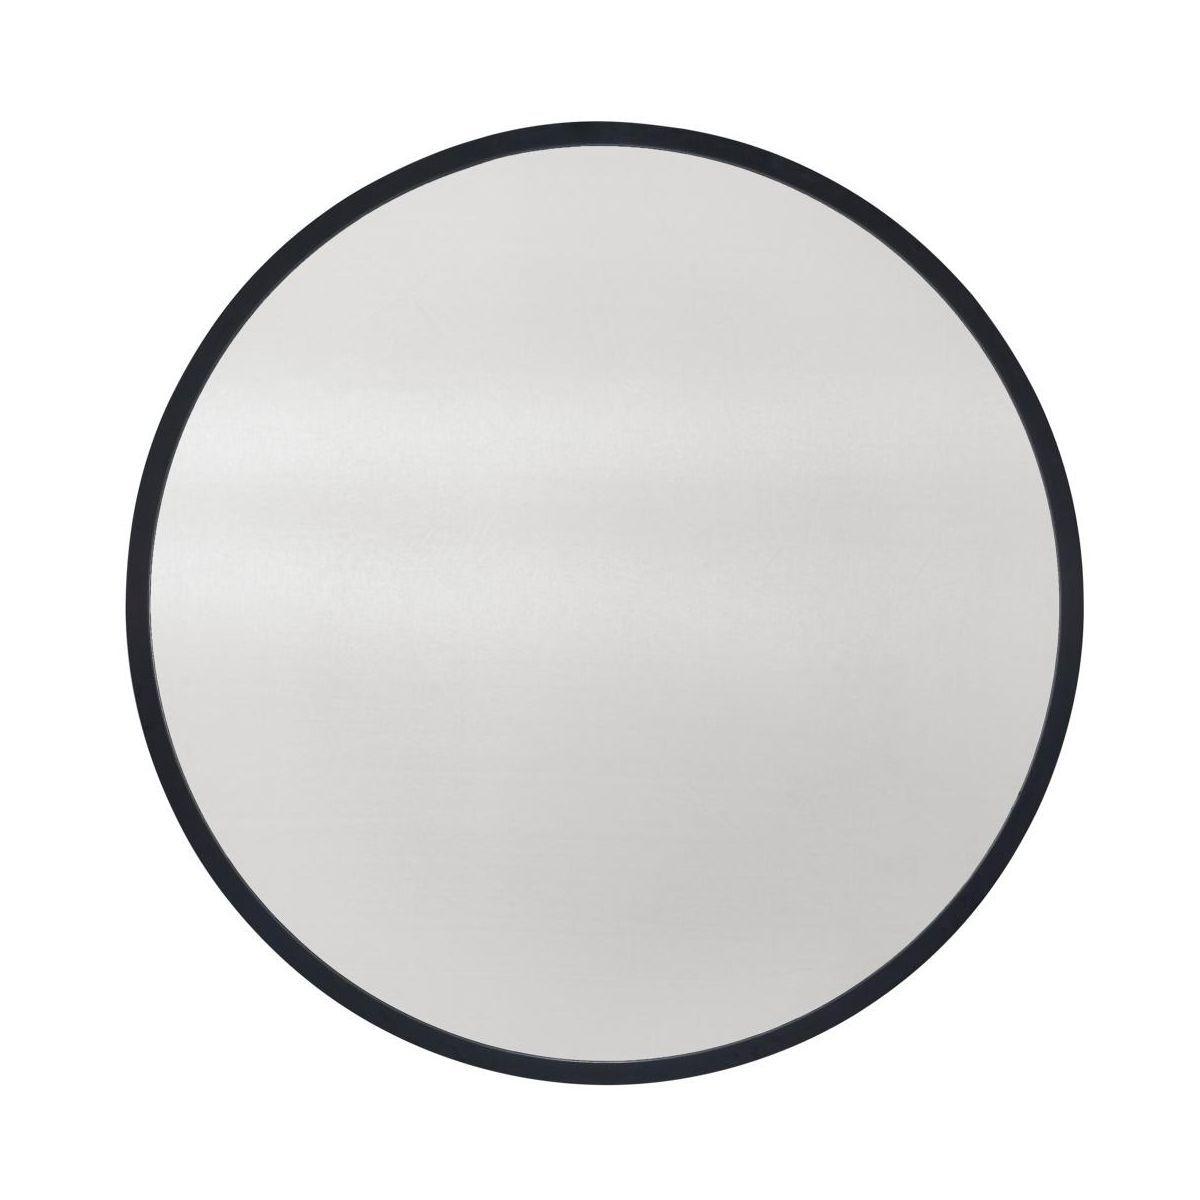 Lustro Bez Oswietlenia 80 Rund Venti Lustra Lazienkowe I Akcesoria W Atrakcyjnej Cenie W Sklepach Leroy Merlin Mirror Table Mirror Furniture